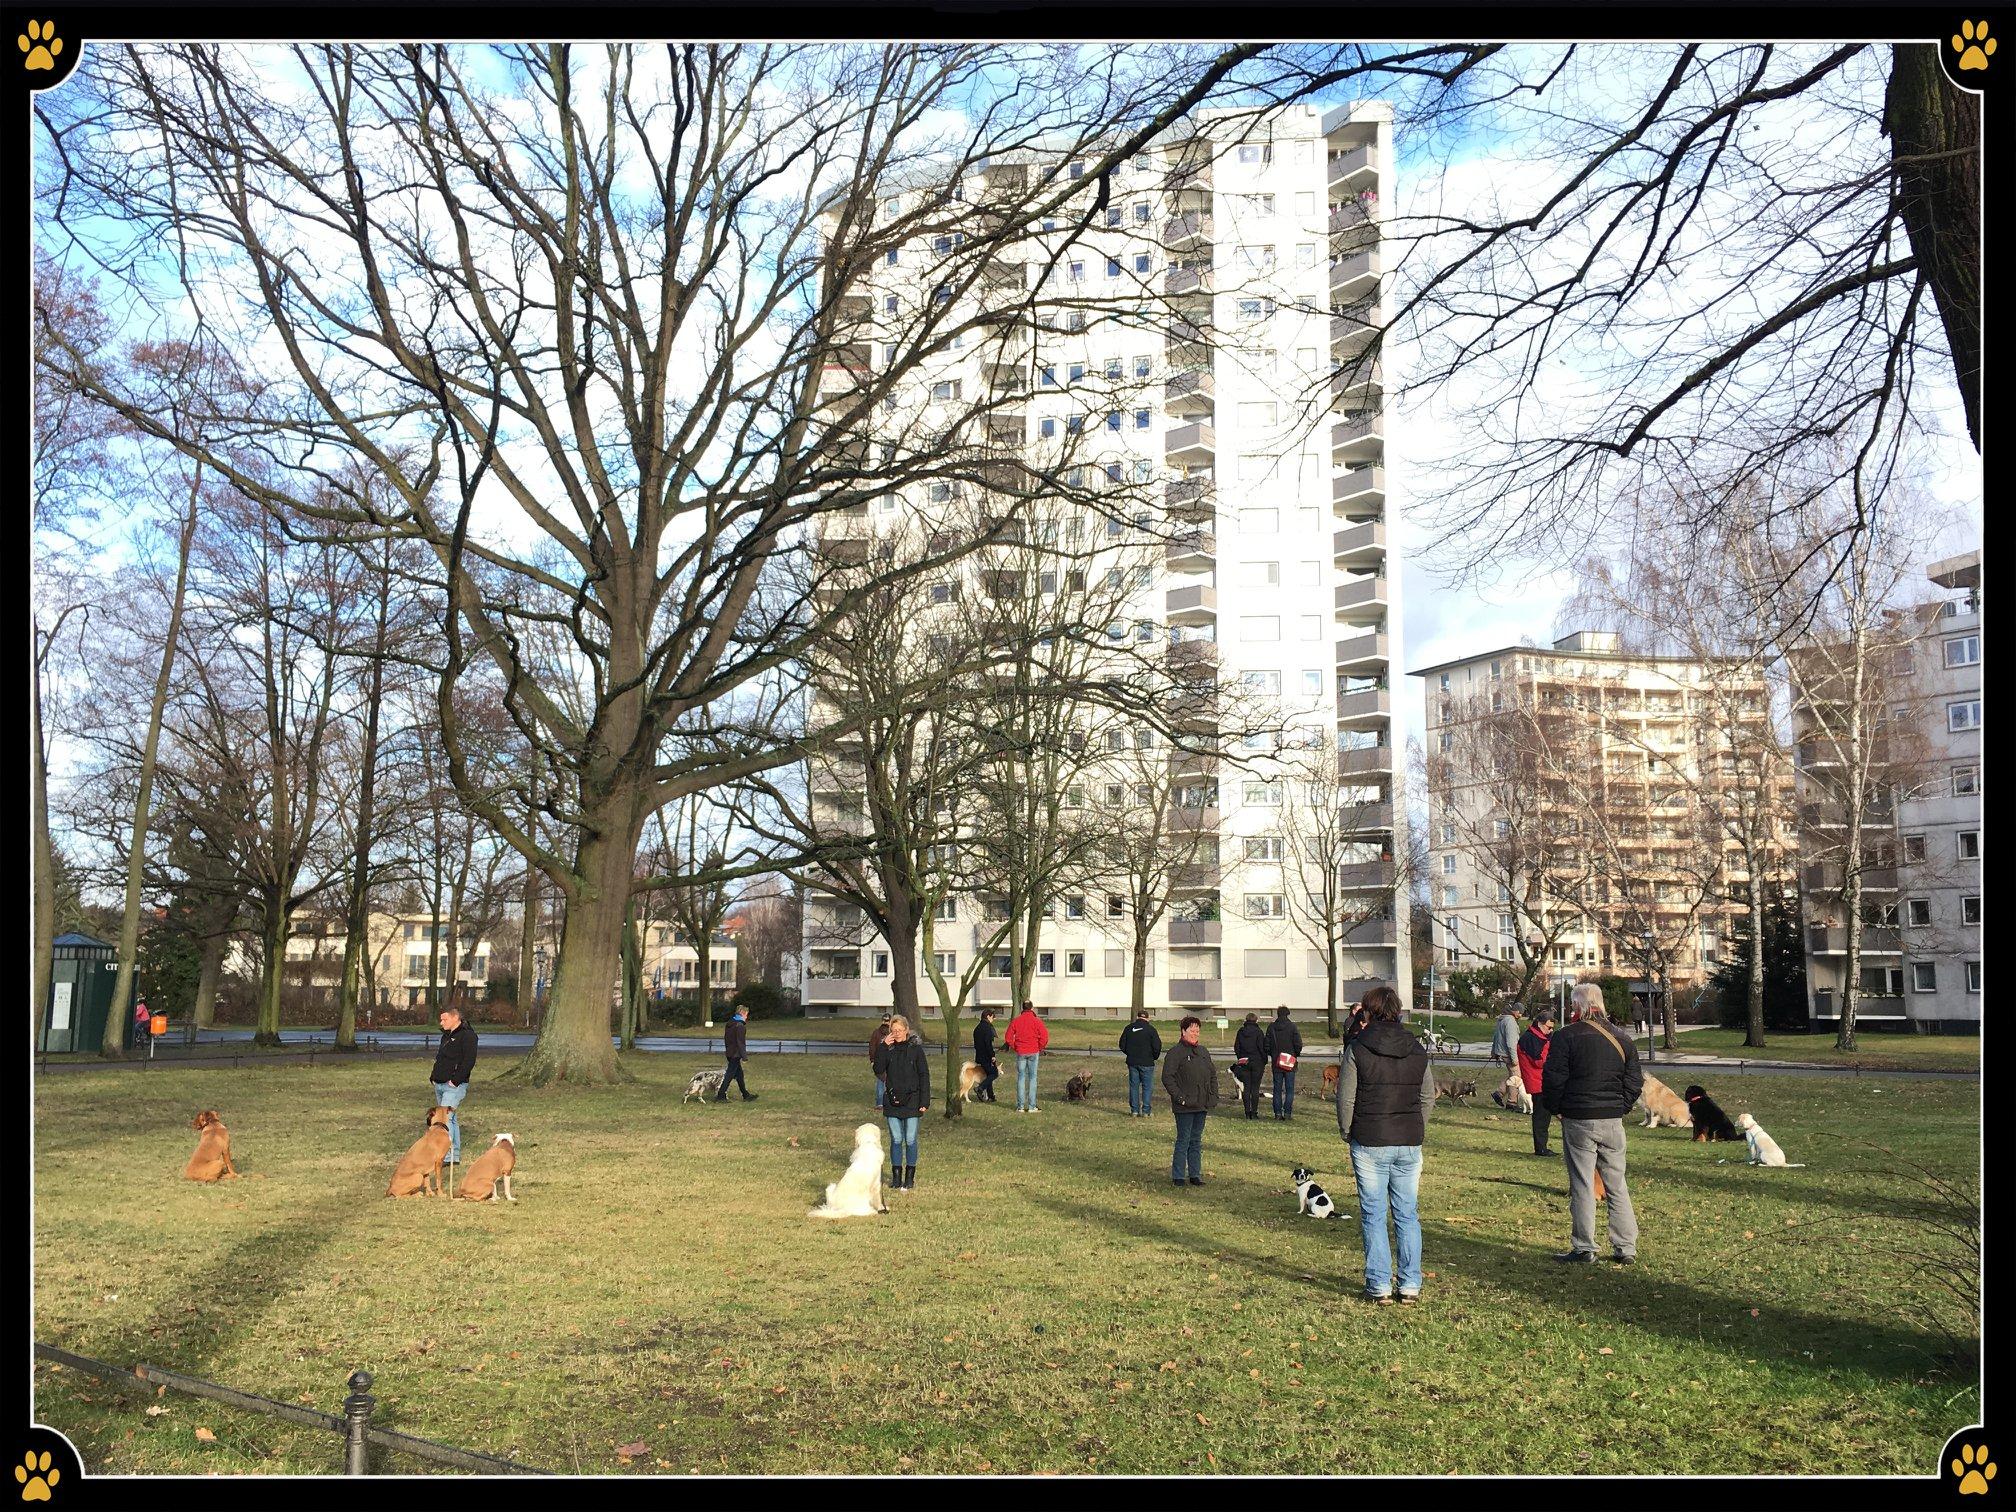 JoBaDog_Alltagstraining_05_Januar_2019_Berlin_Tegel_6.jpg